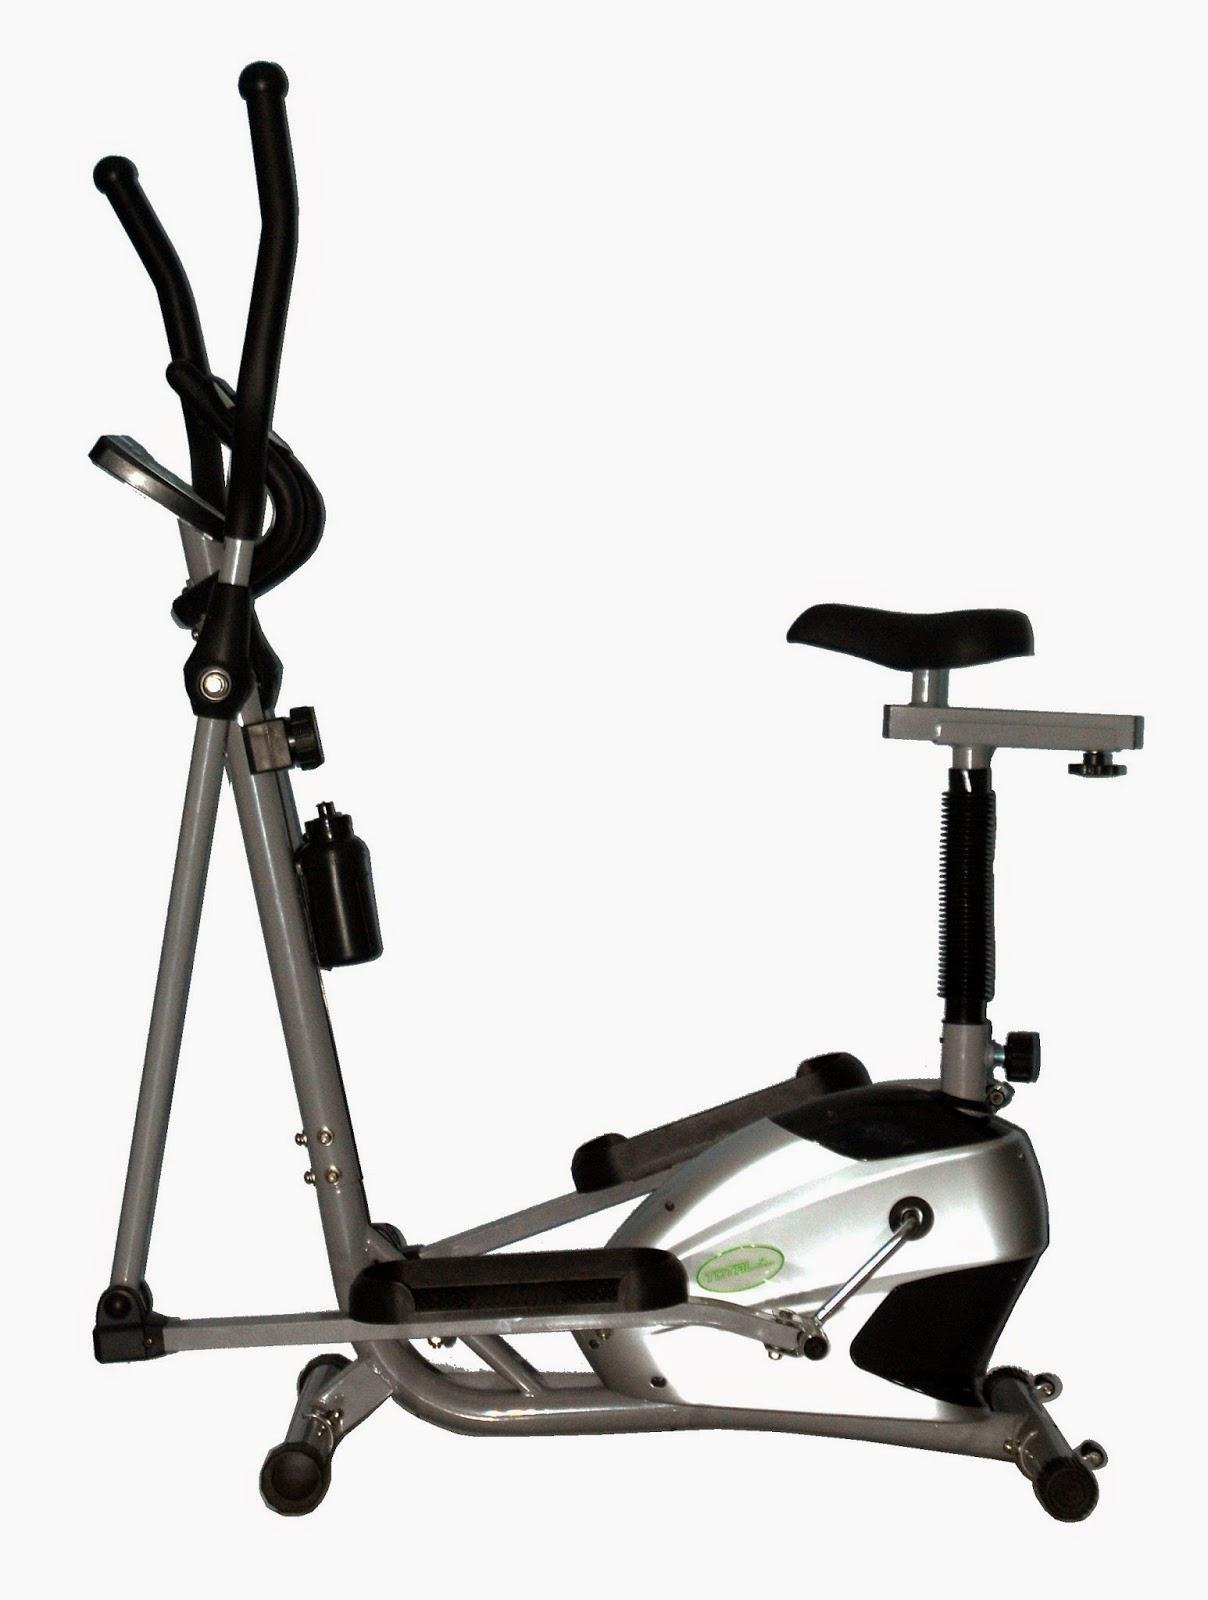 Jual Sepeda Orbitrek Dan Alat Fitness Eliptical Bike Harga Murah